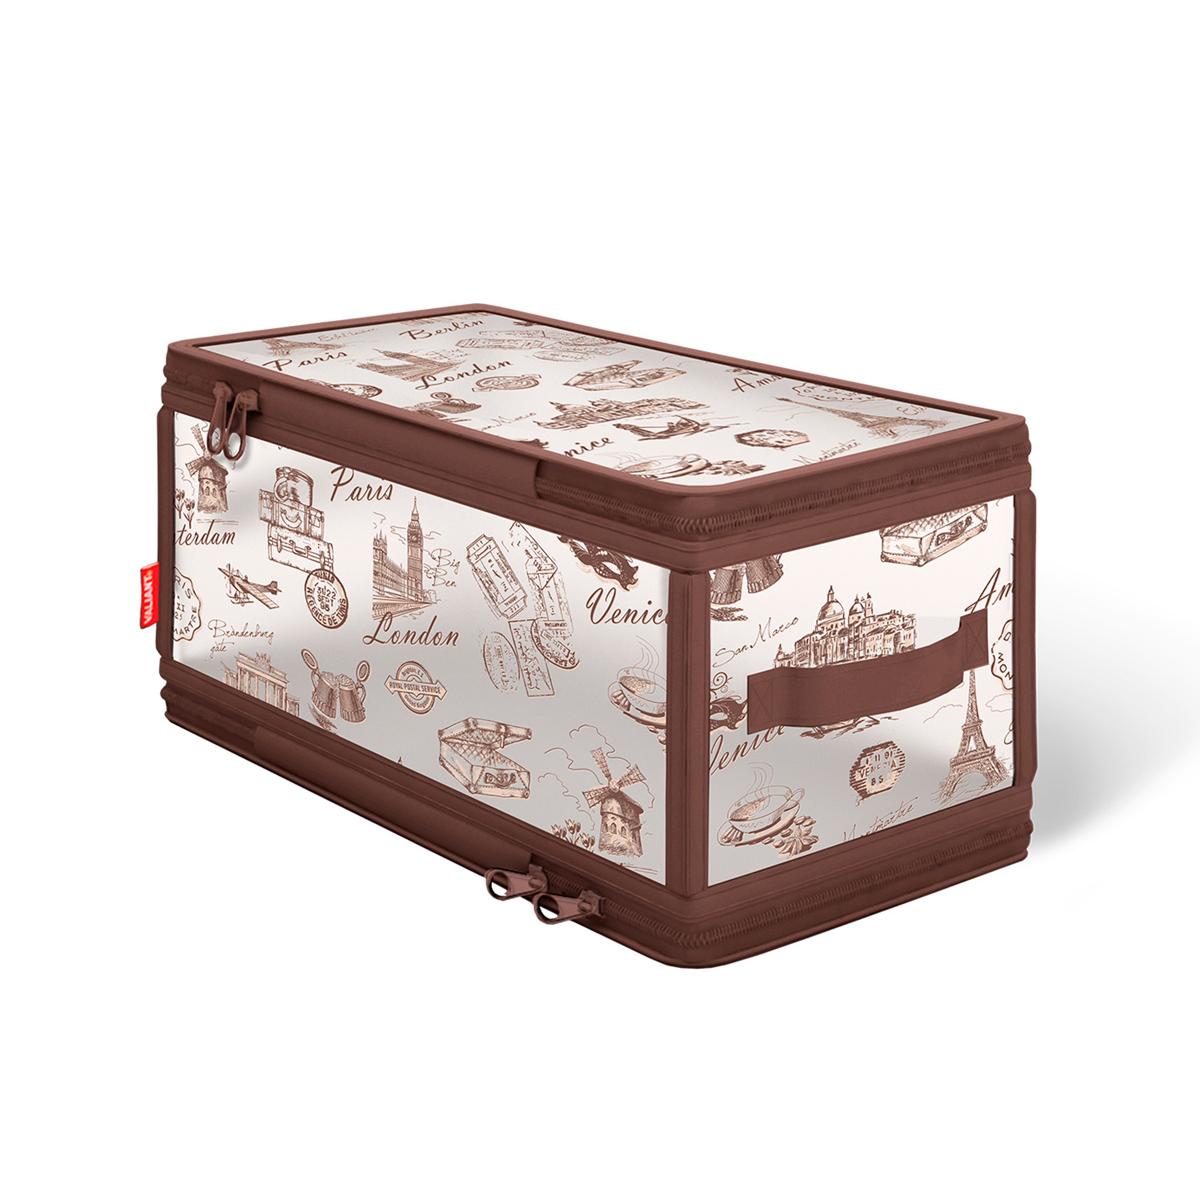 Кофр для хранения Valiant Travelling, с застежкой-молнией, 30 см х 15 см х 15 см omnilux бра omnilux padru oml 53301 01